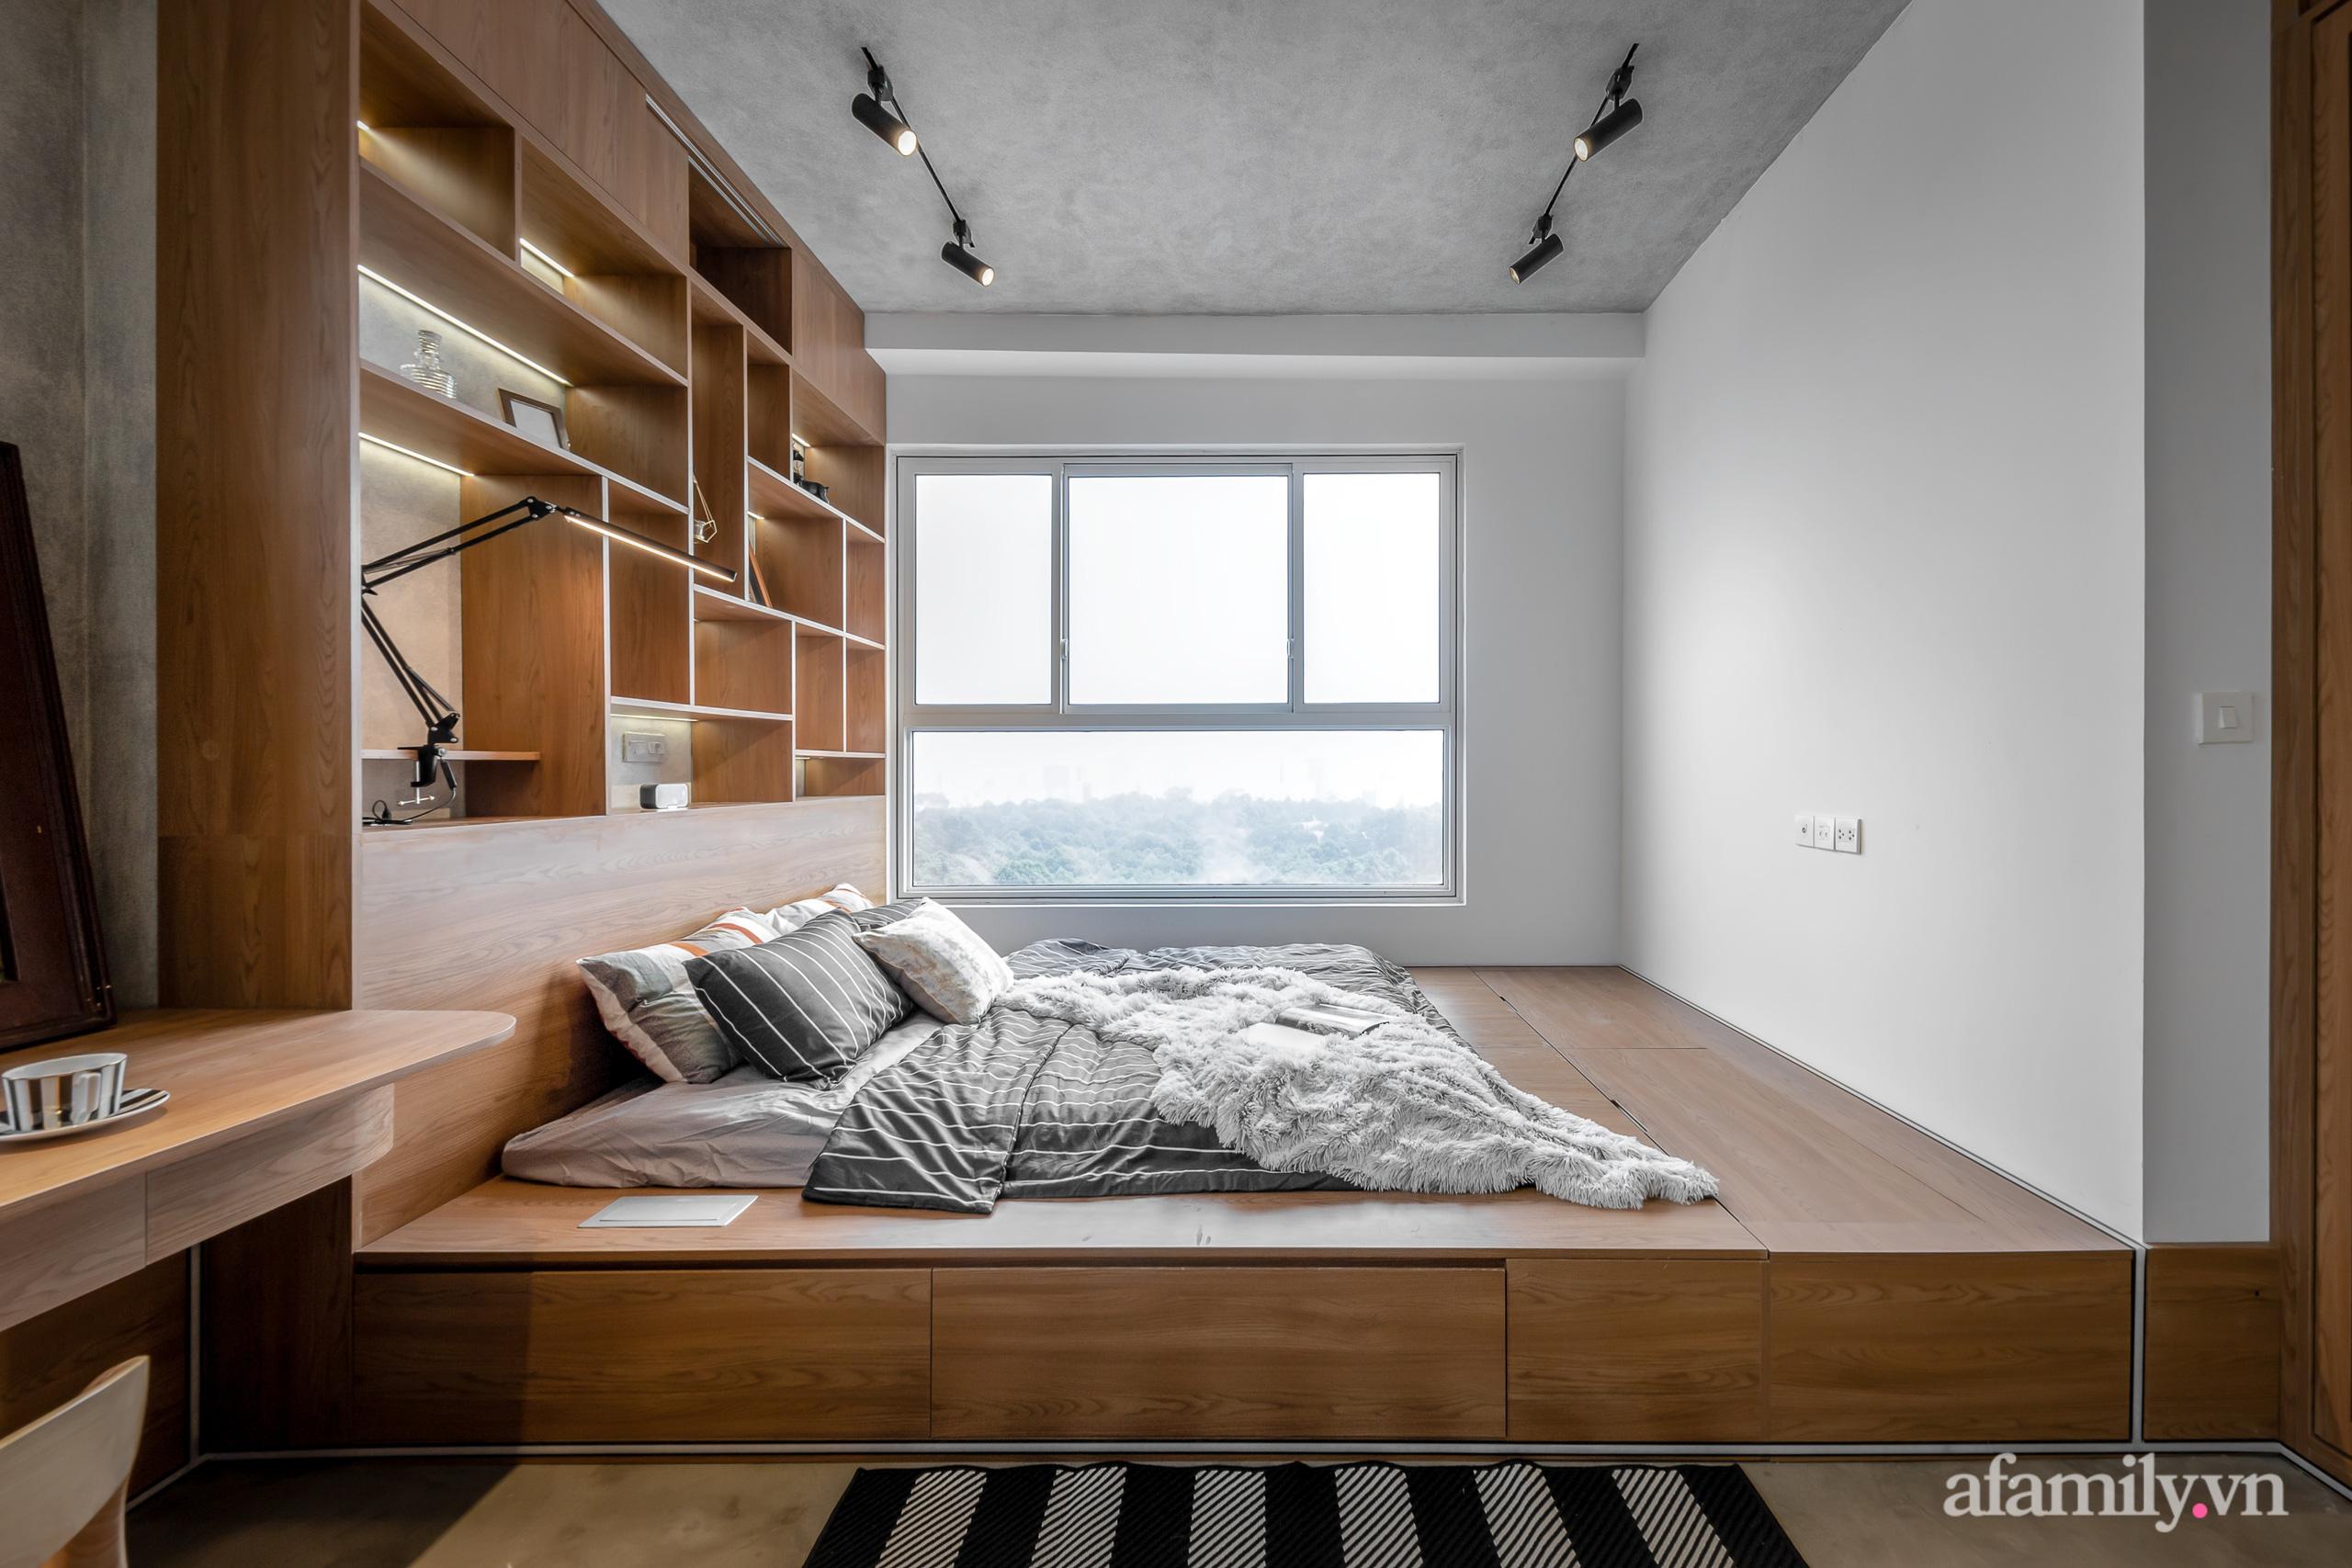 Căn hộ 106m² đẹp cá tính với hiệu ứng bê tông cùng phong cách tối giản có chi phí hoàn thiện 950 triệu đồng ở Sài Gòn - Ảnh 15.